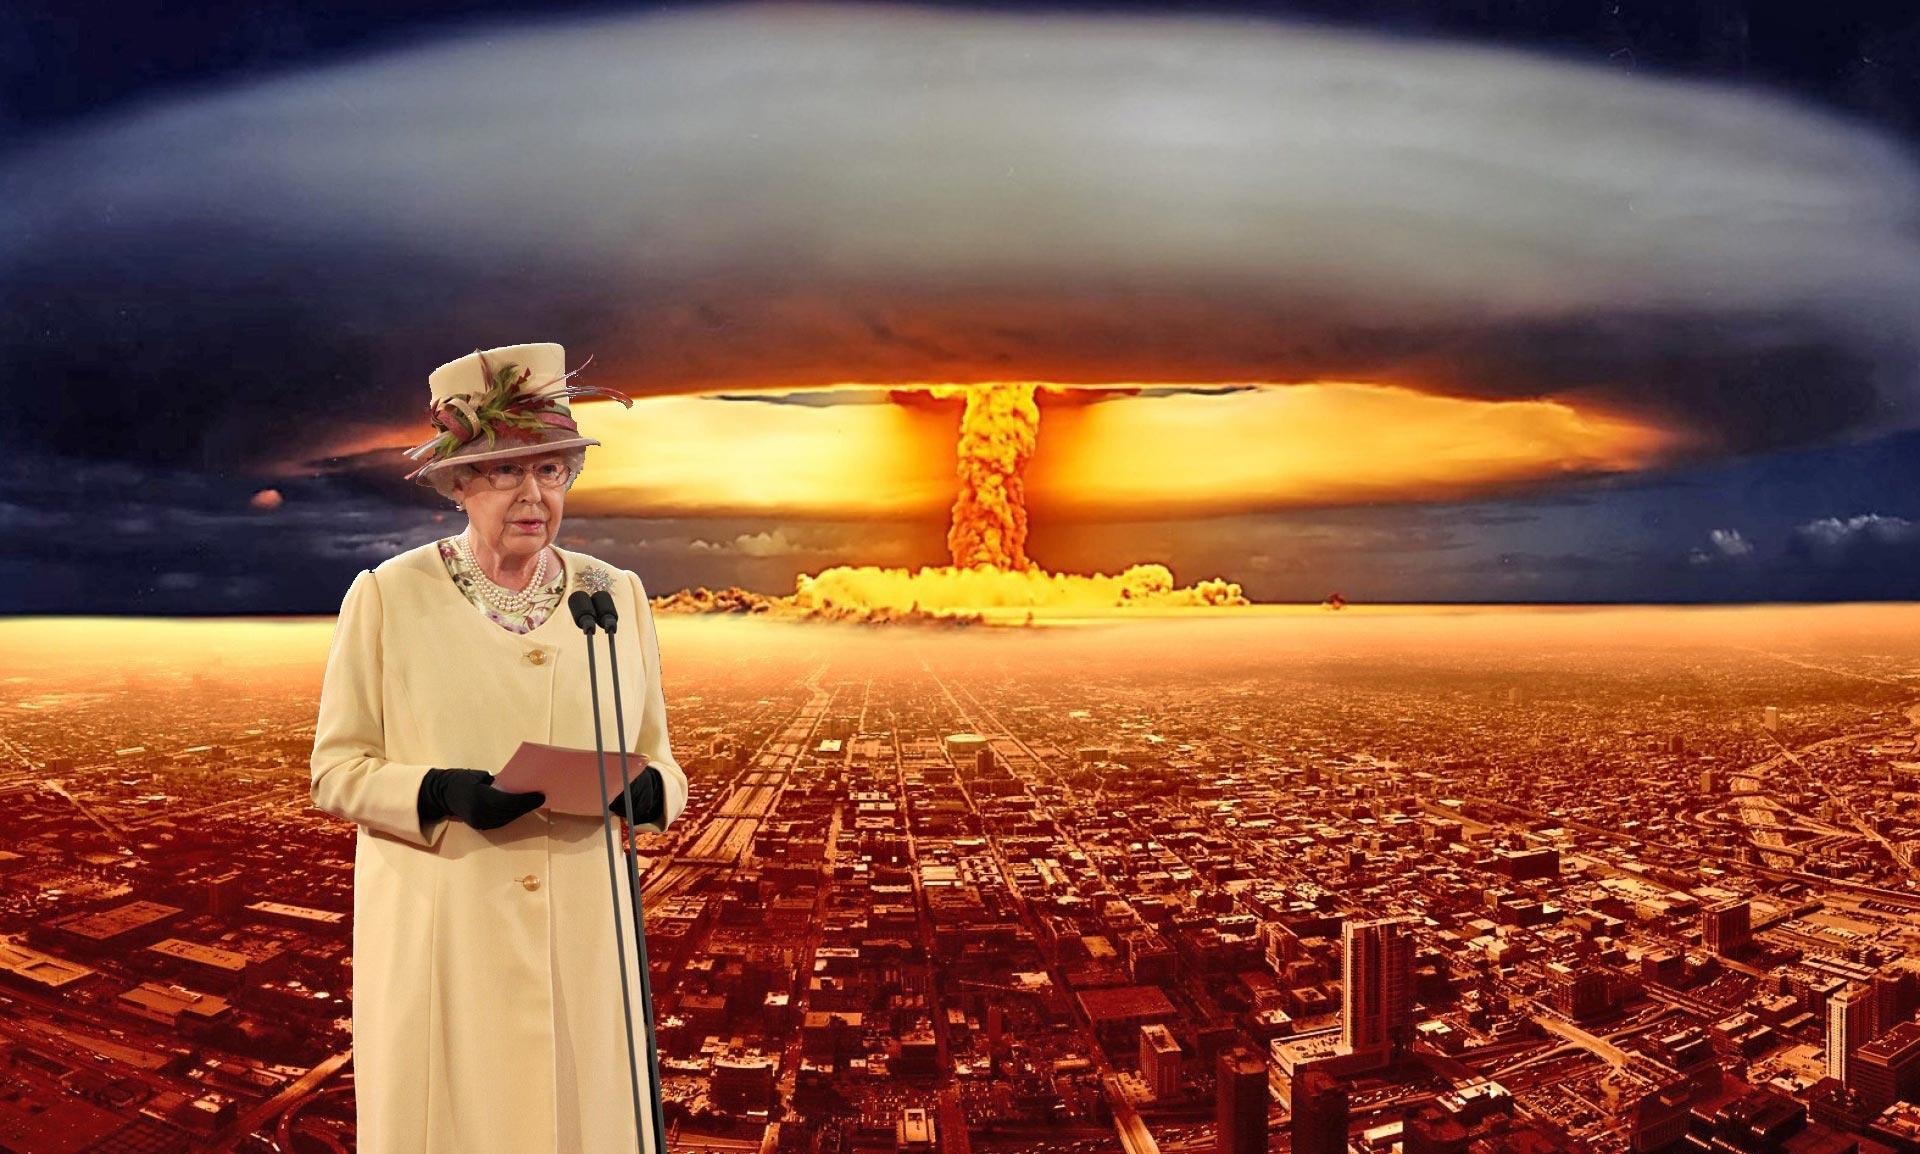 В Великобритании рассекретили речь королевы Елизаветы II к нации в случае ядерной войны